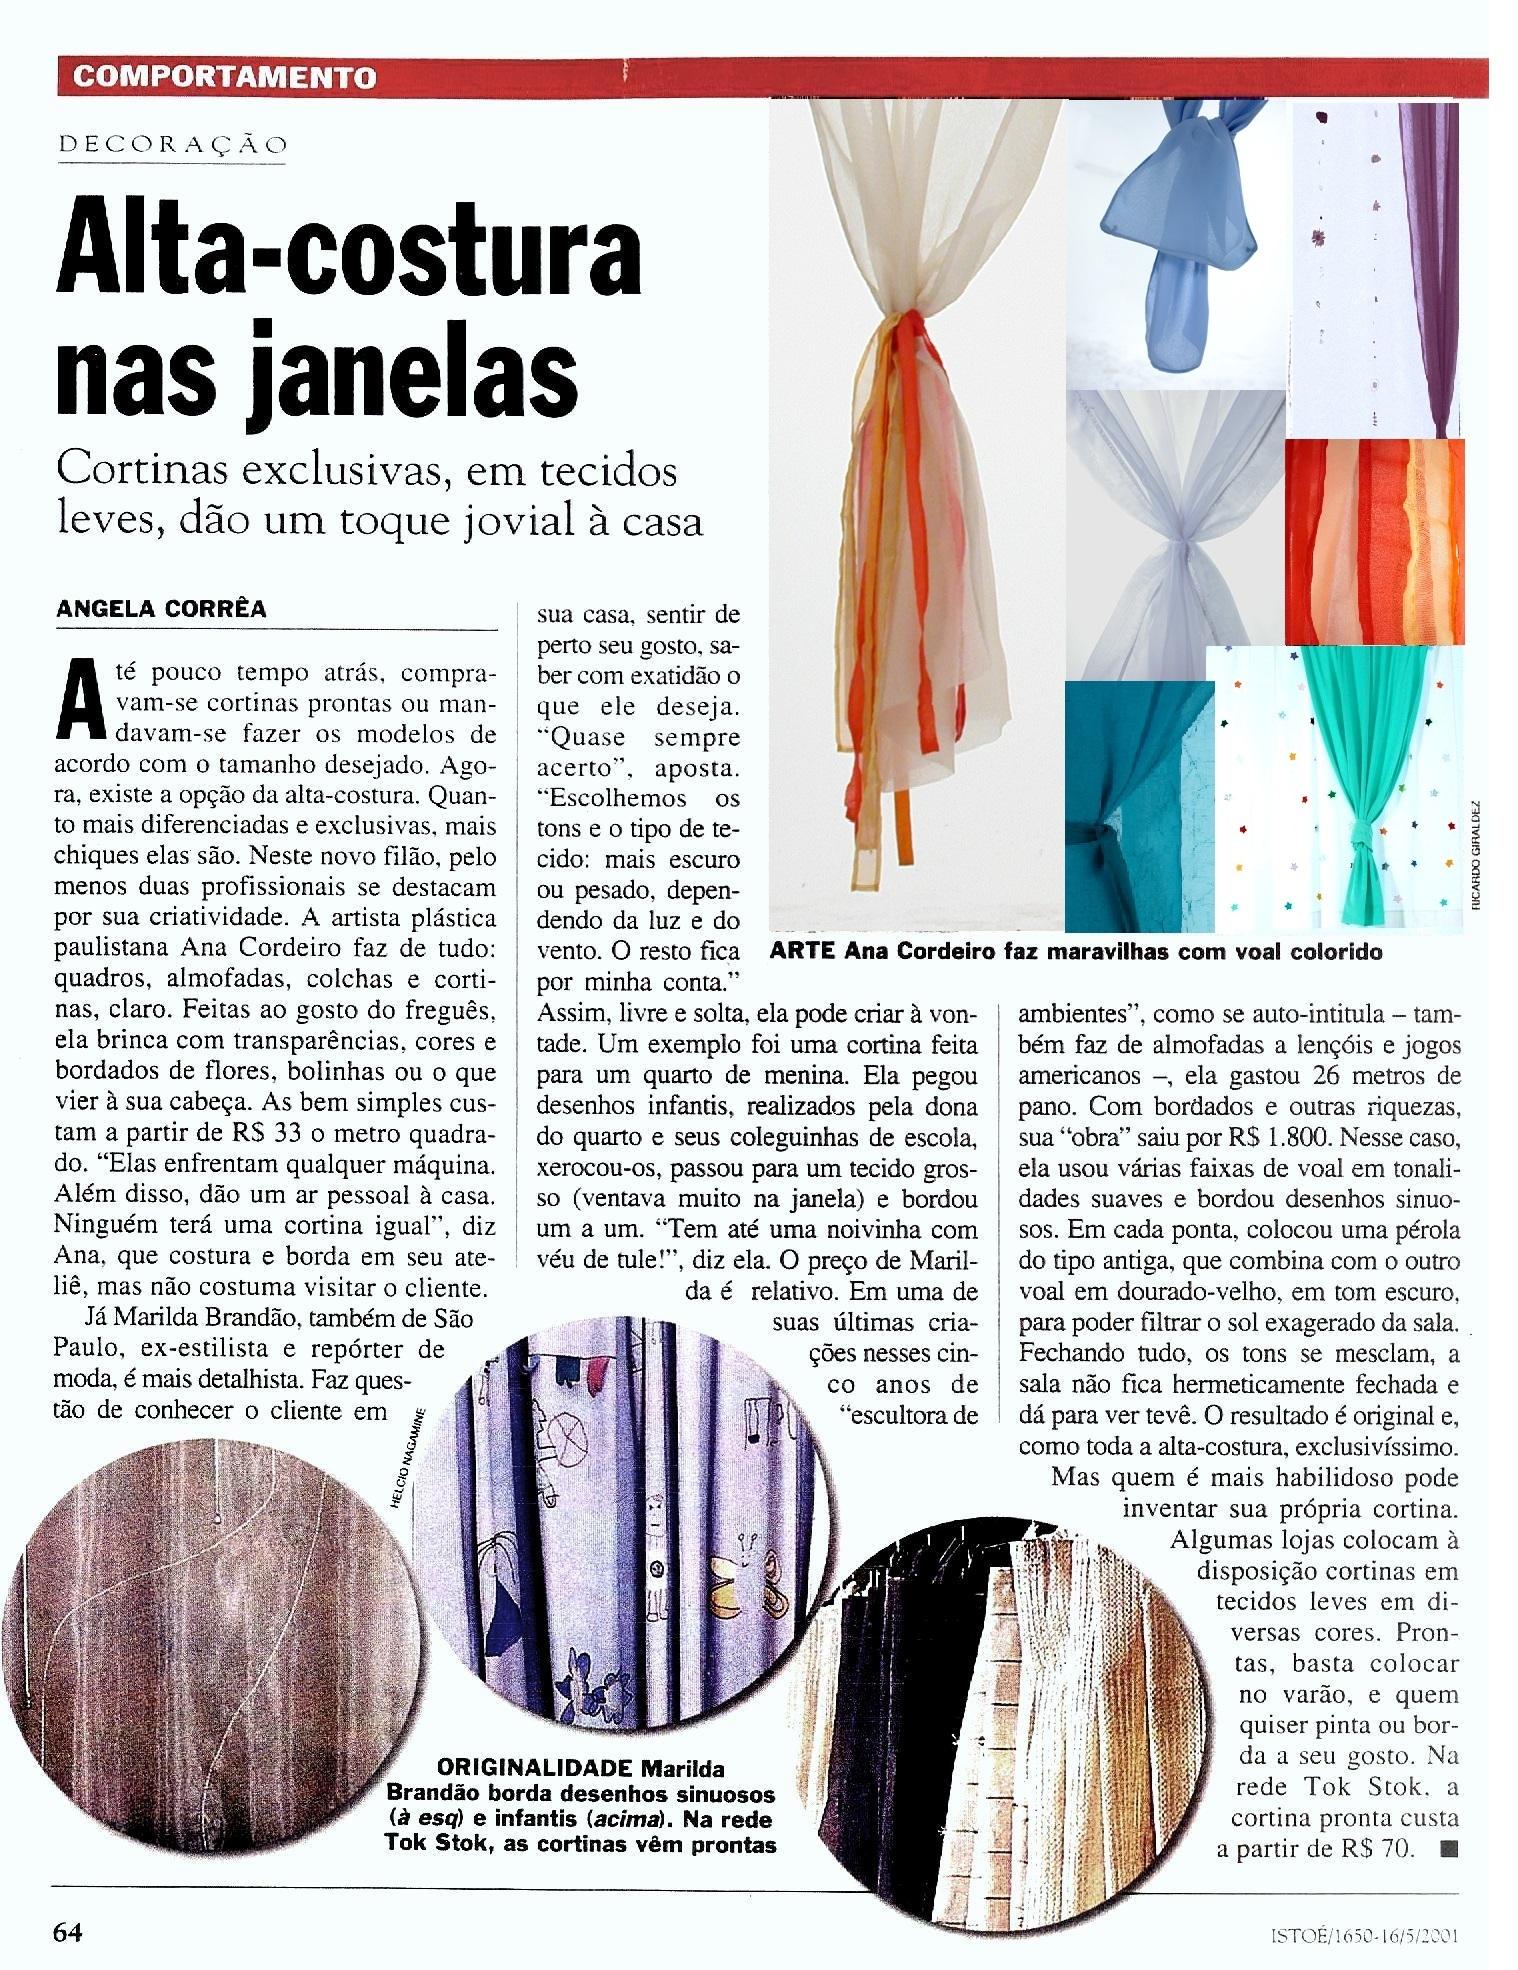 Ateliê Ana Cordeiro – Publicações 24b/ Revista Isto É N- 1650 – maio